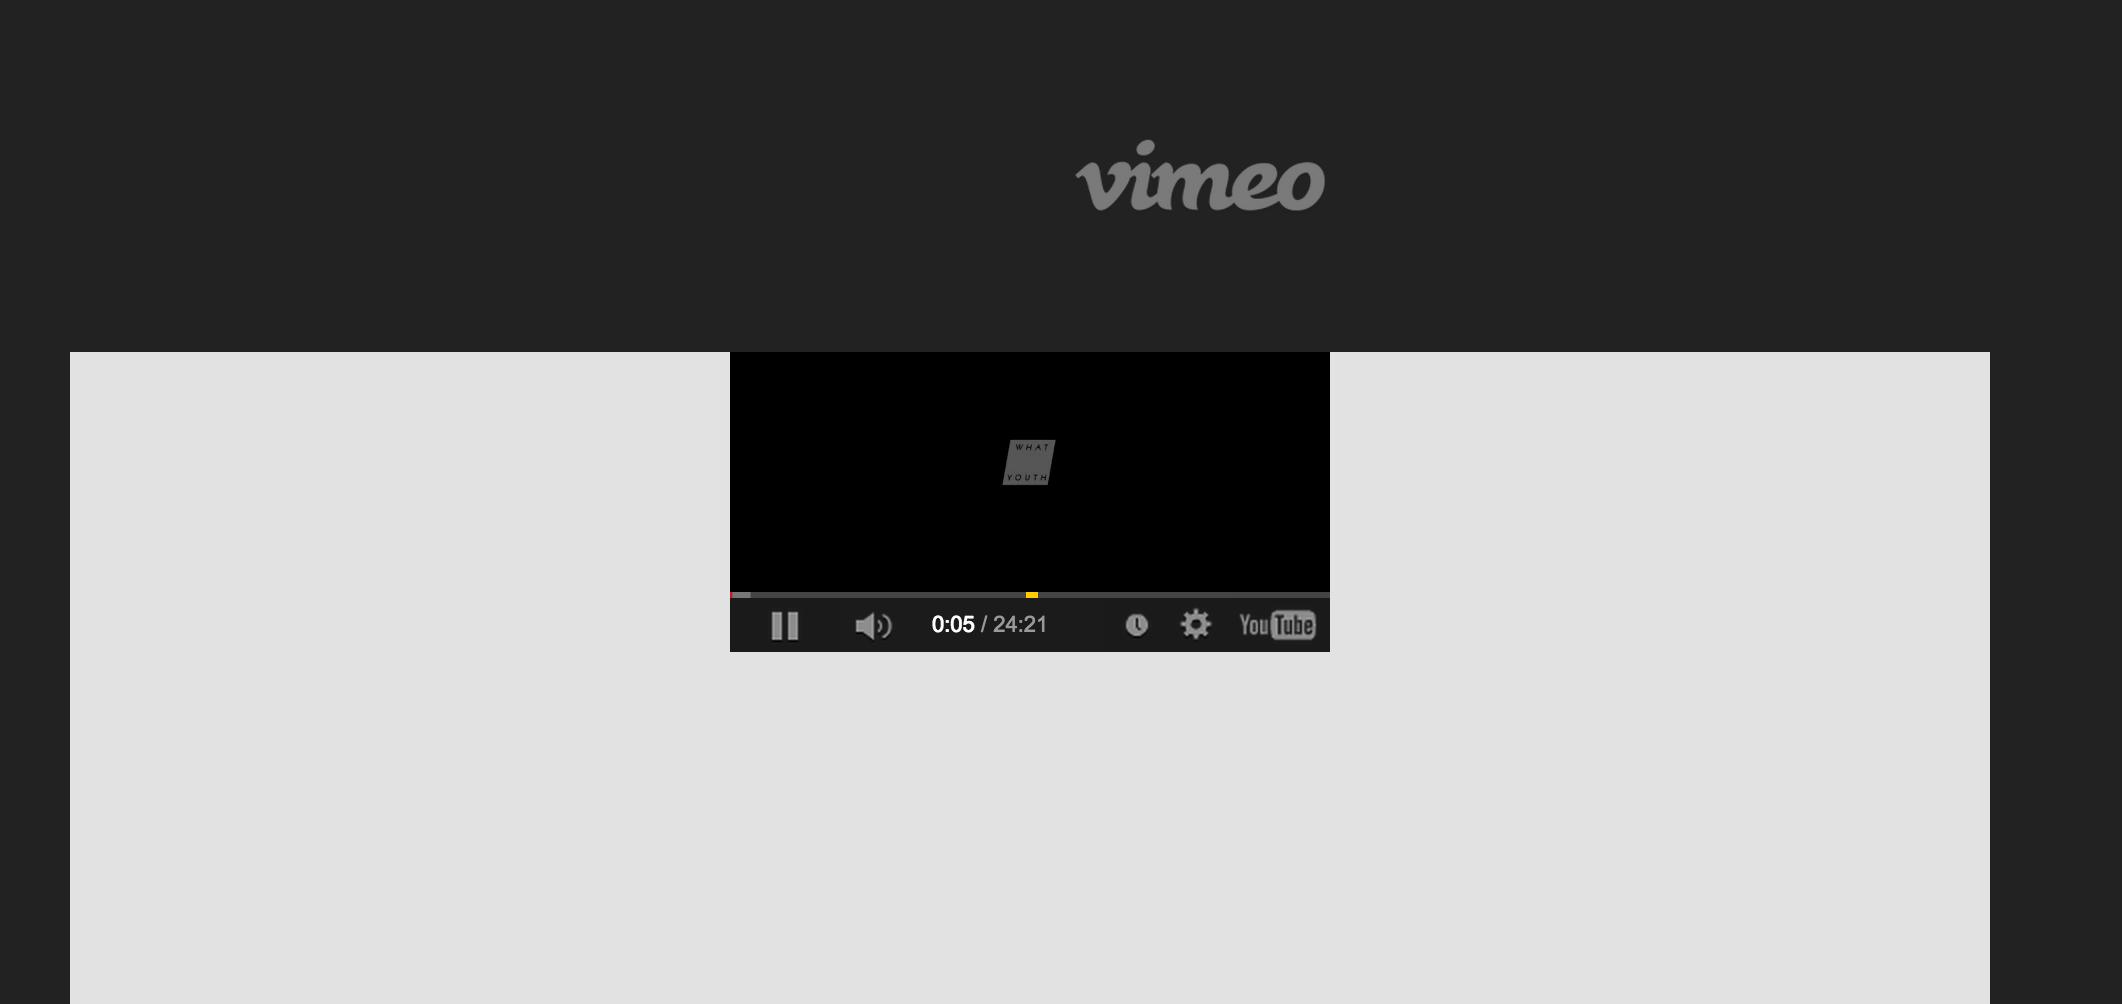 screen shot 2014-11-05 at 11 22 18 am